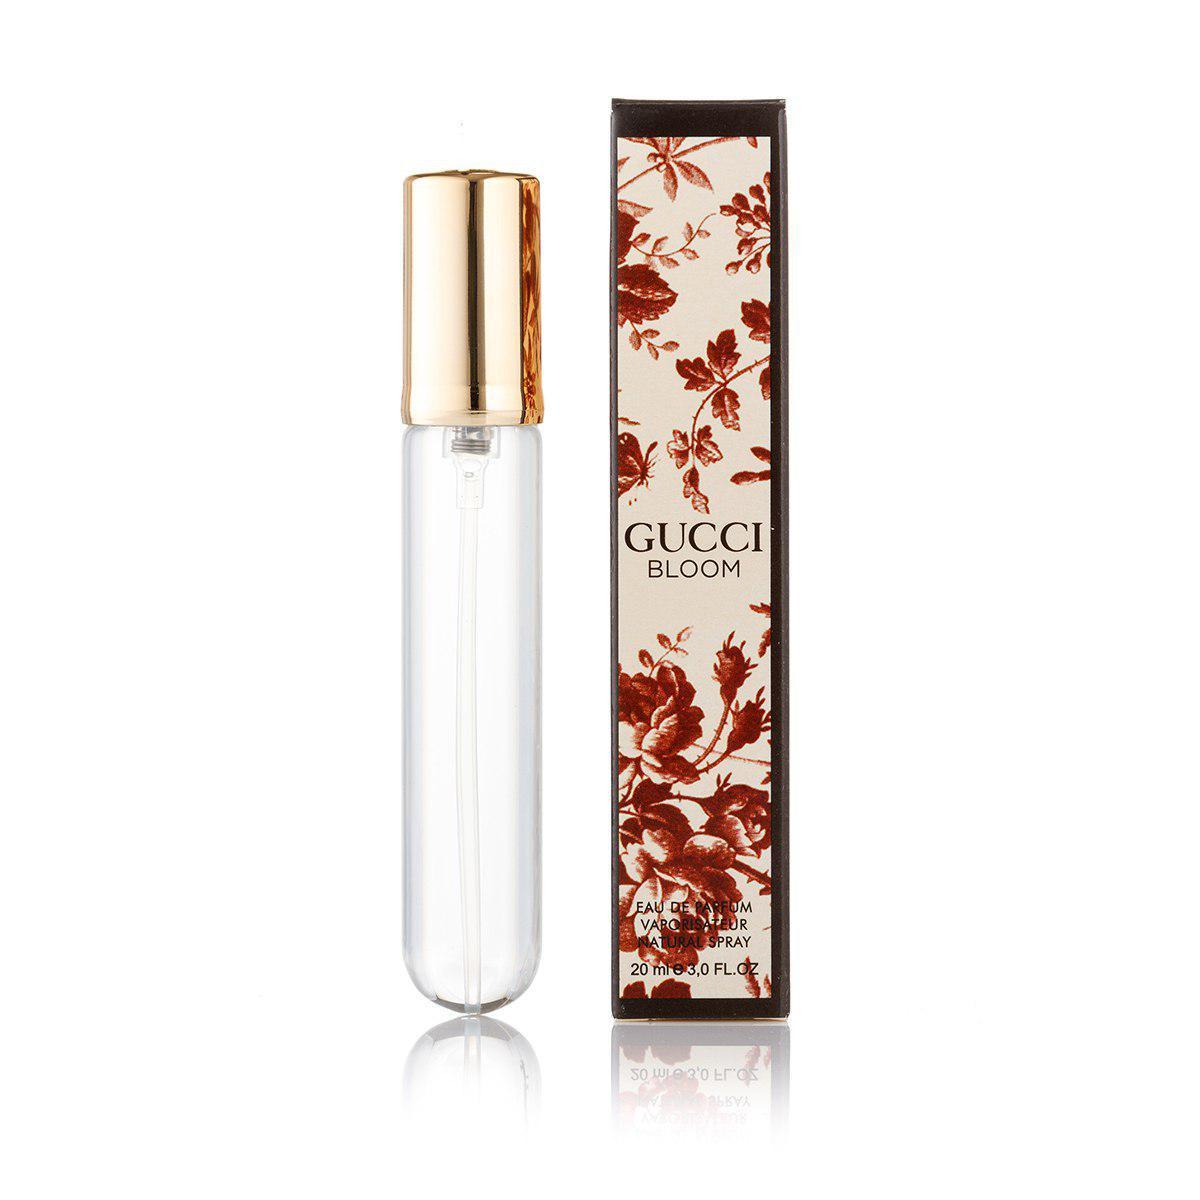 Мини парфюм женский Gucci Bloom - 20 ml